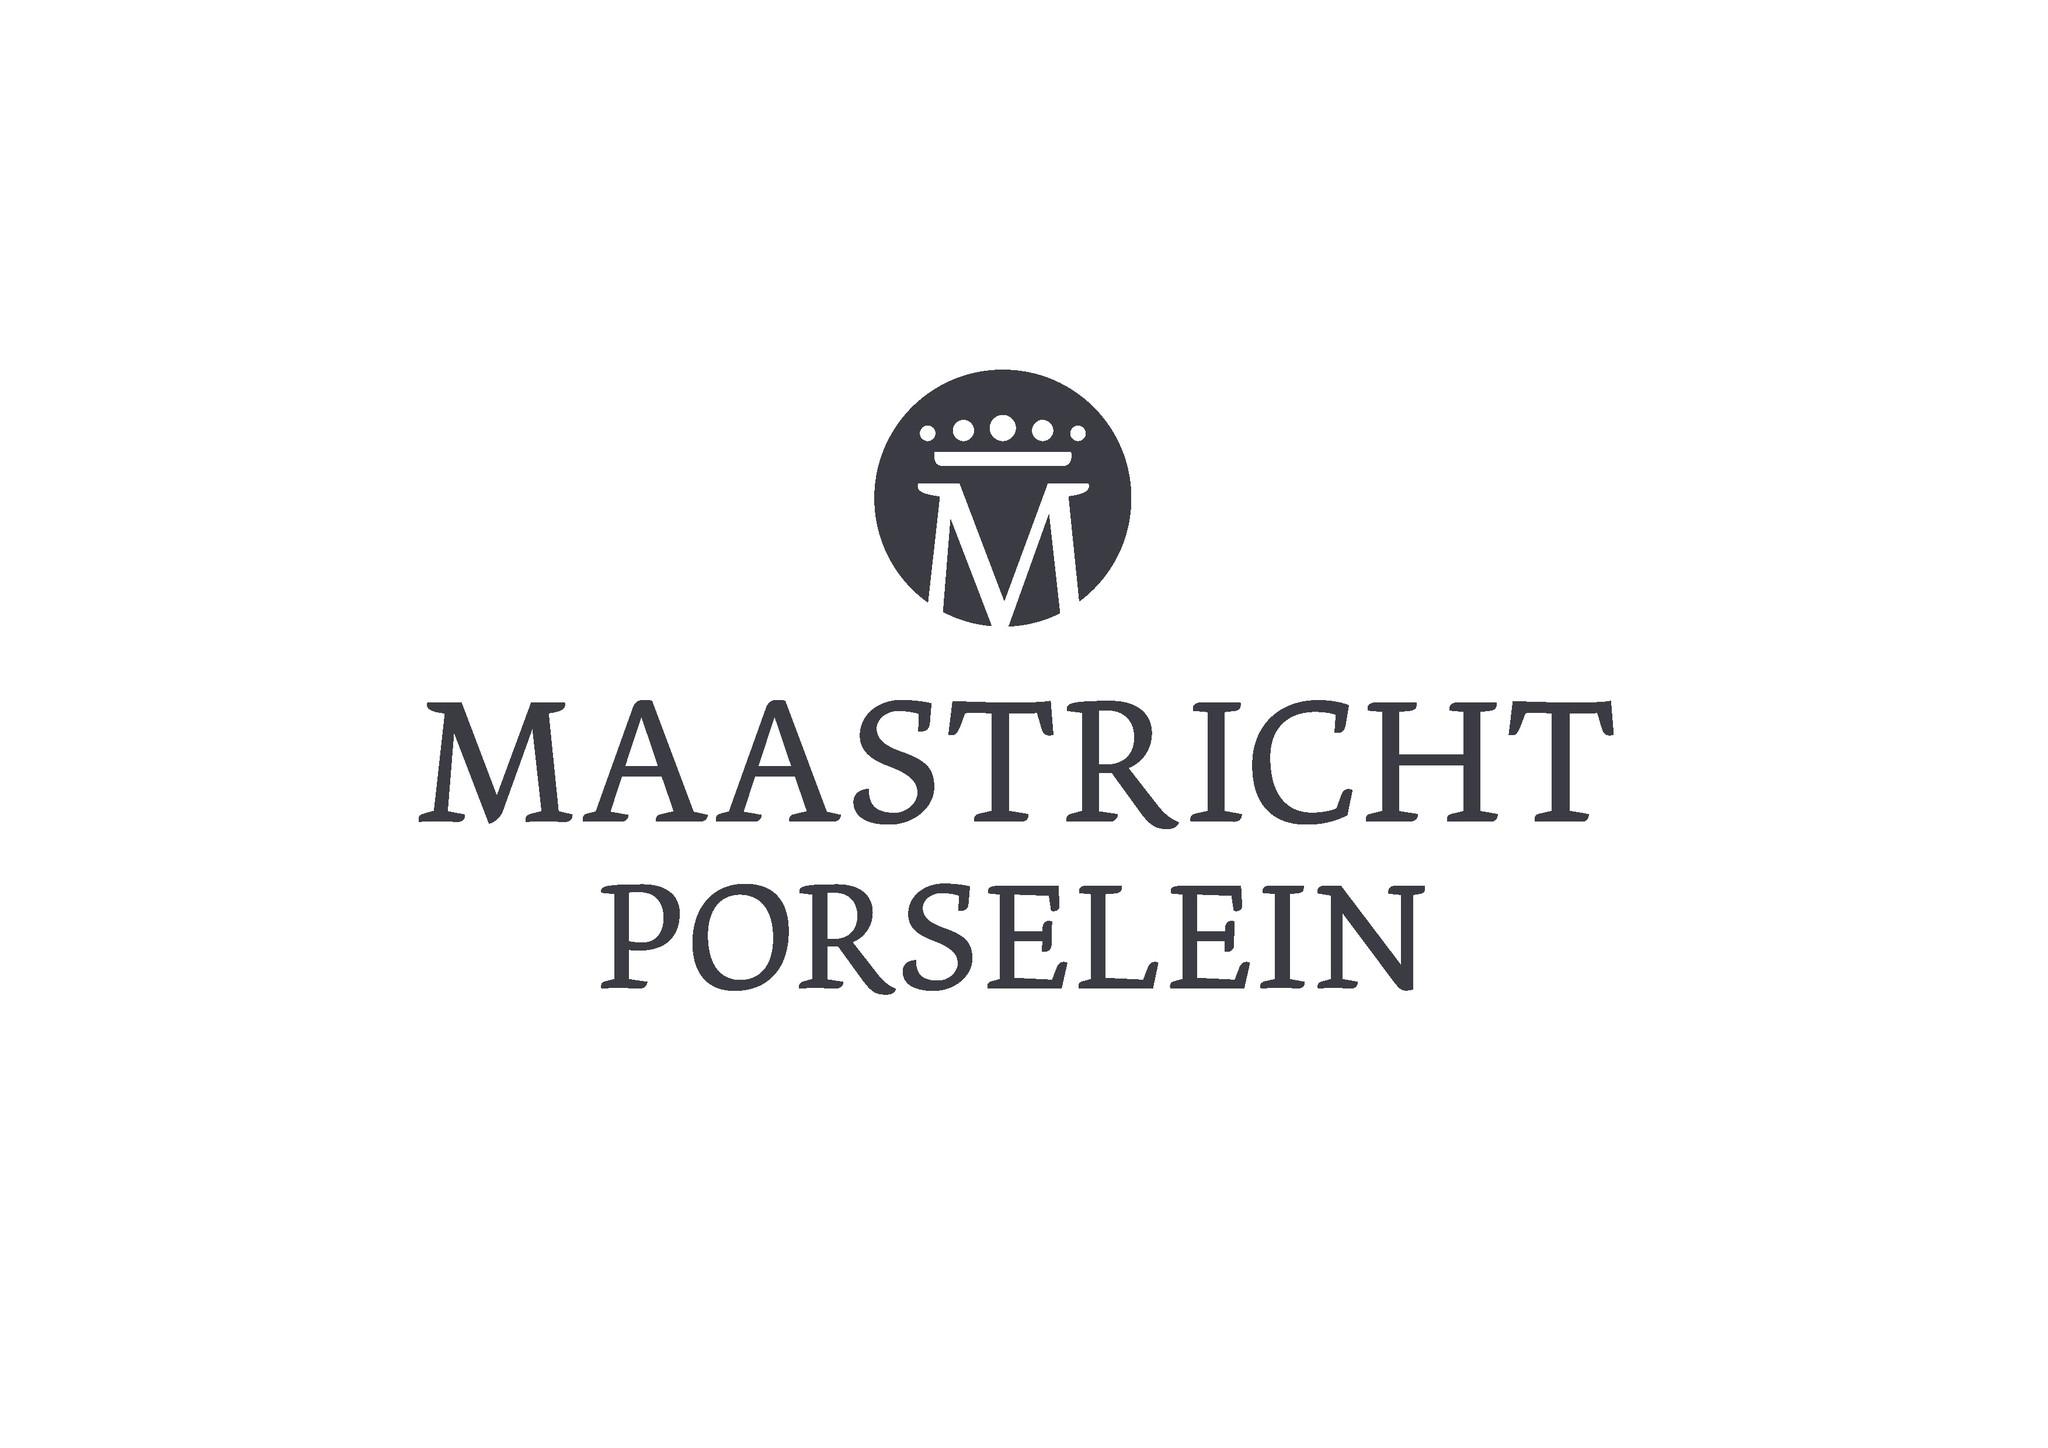 Maastricht Porselein Serviesset Maastricht Porselein Cosmic 24 delig (6 personen)